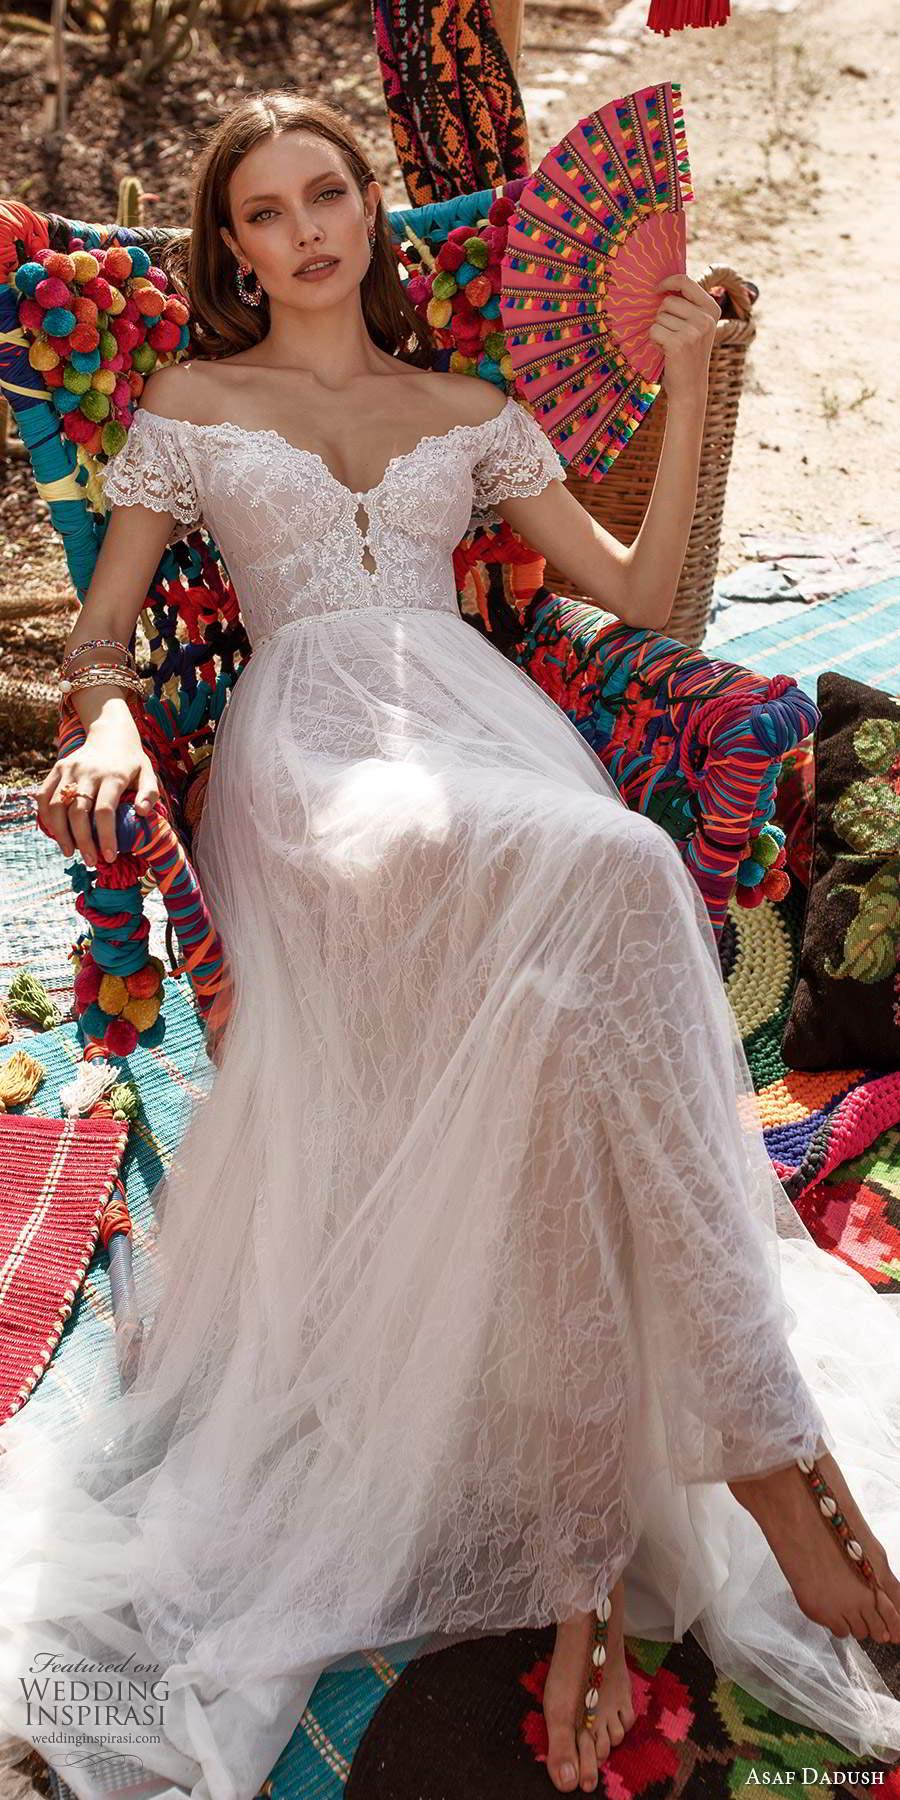 asaf dadush 2020 bridal short flutter sleeves off shoulder sweetheart neckline embellished lace soft a a line wedding dress (4) fv